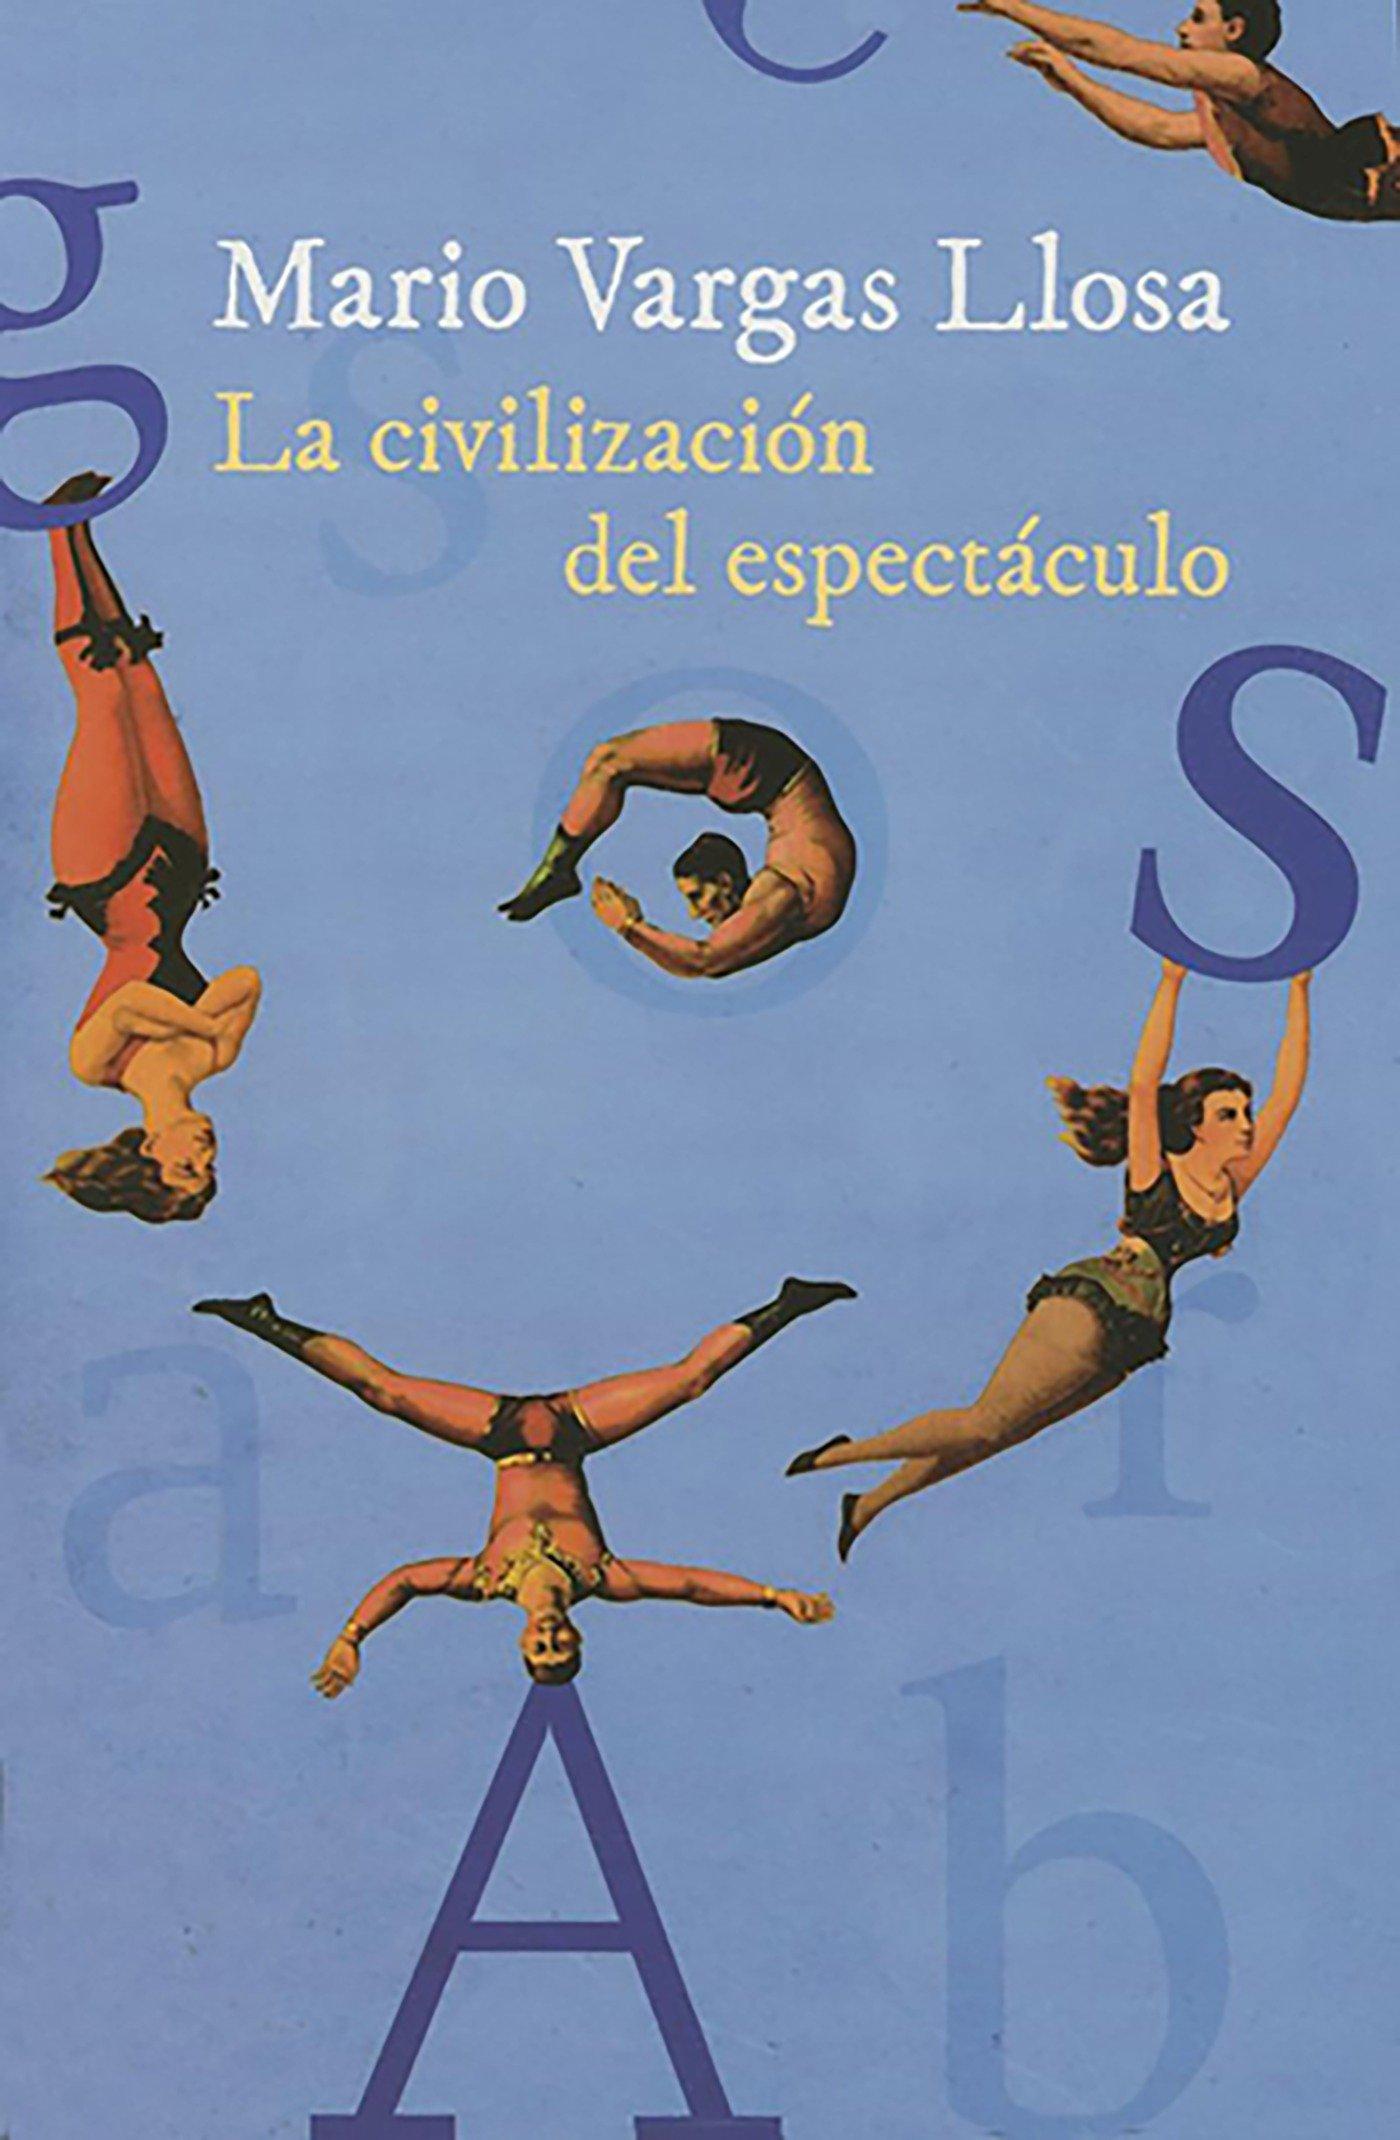 La civilización del espectáculo / The Civilization of Entertainment